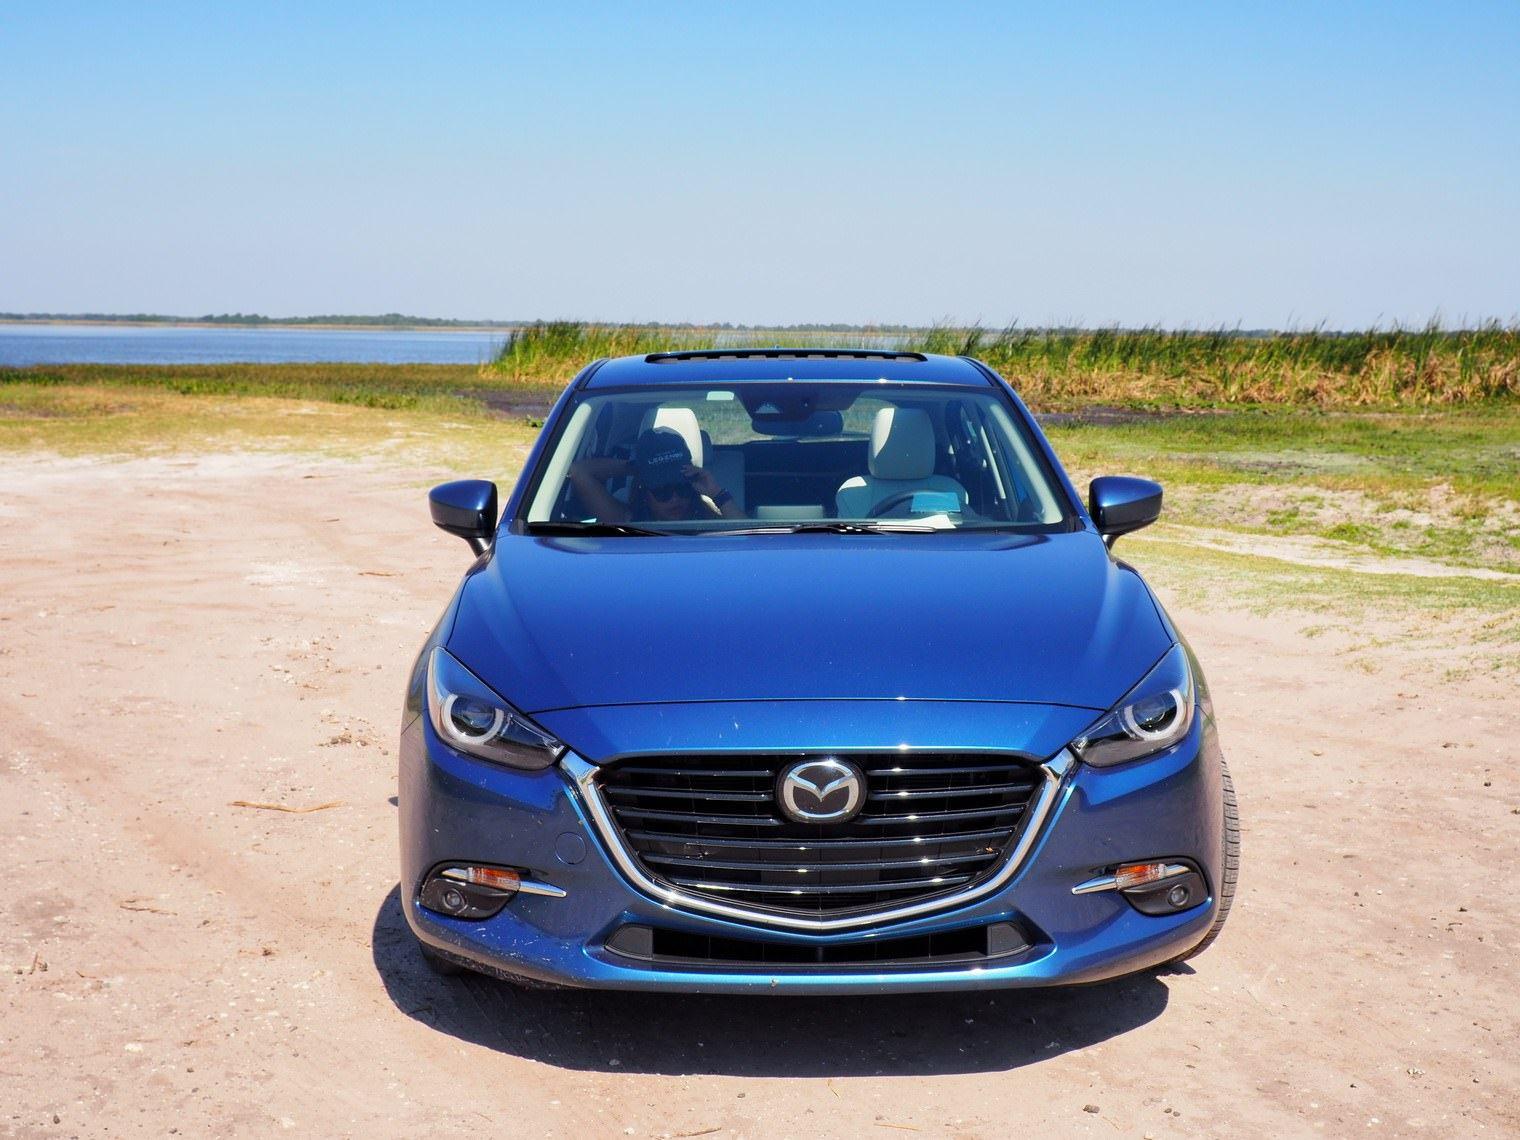 2017 Mazda 3 Front